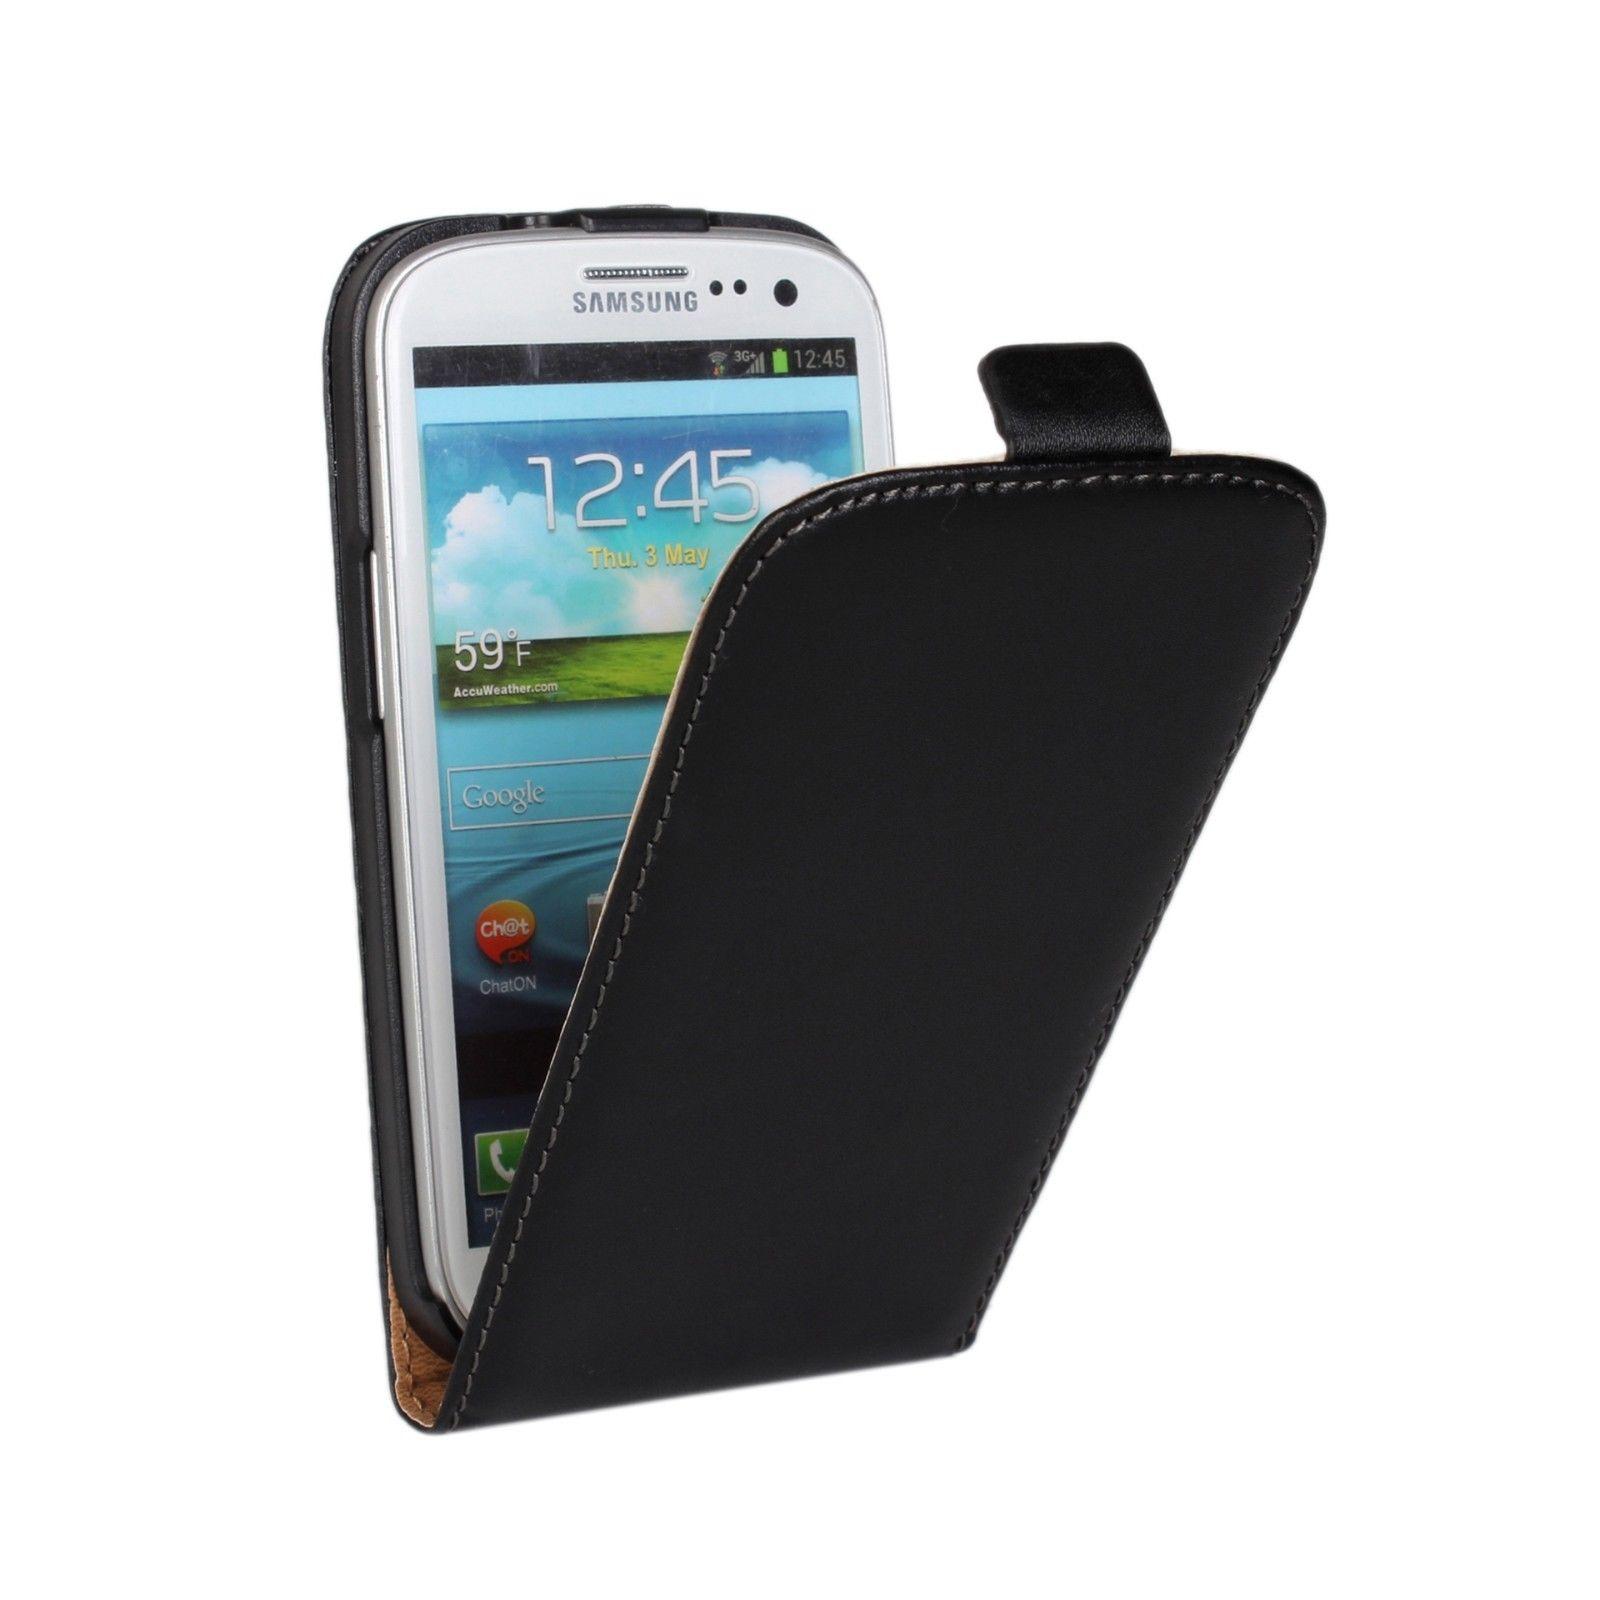 genuine black leather flip mobile phone case cover for samsung galaxy model ebay. Black Bedroom Furniture Sets. Home Design Ideas